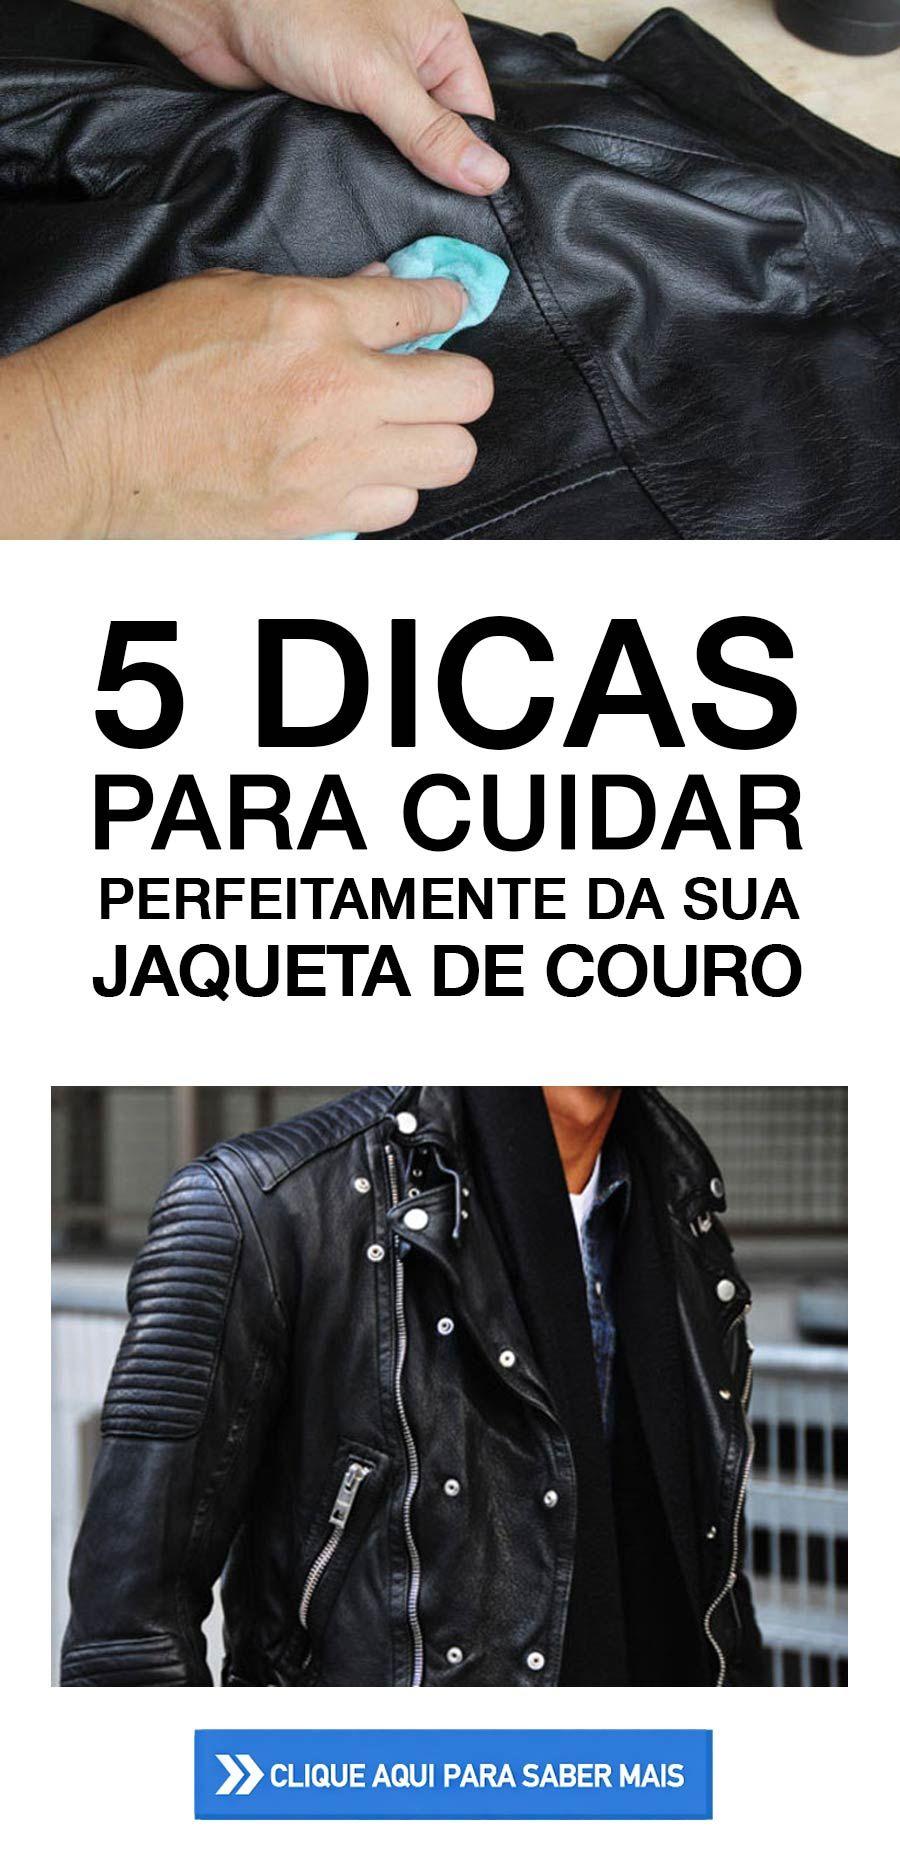 5 Dicas para cuidar da jaqueta de couro